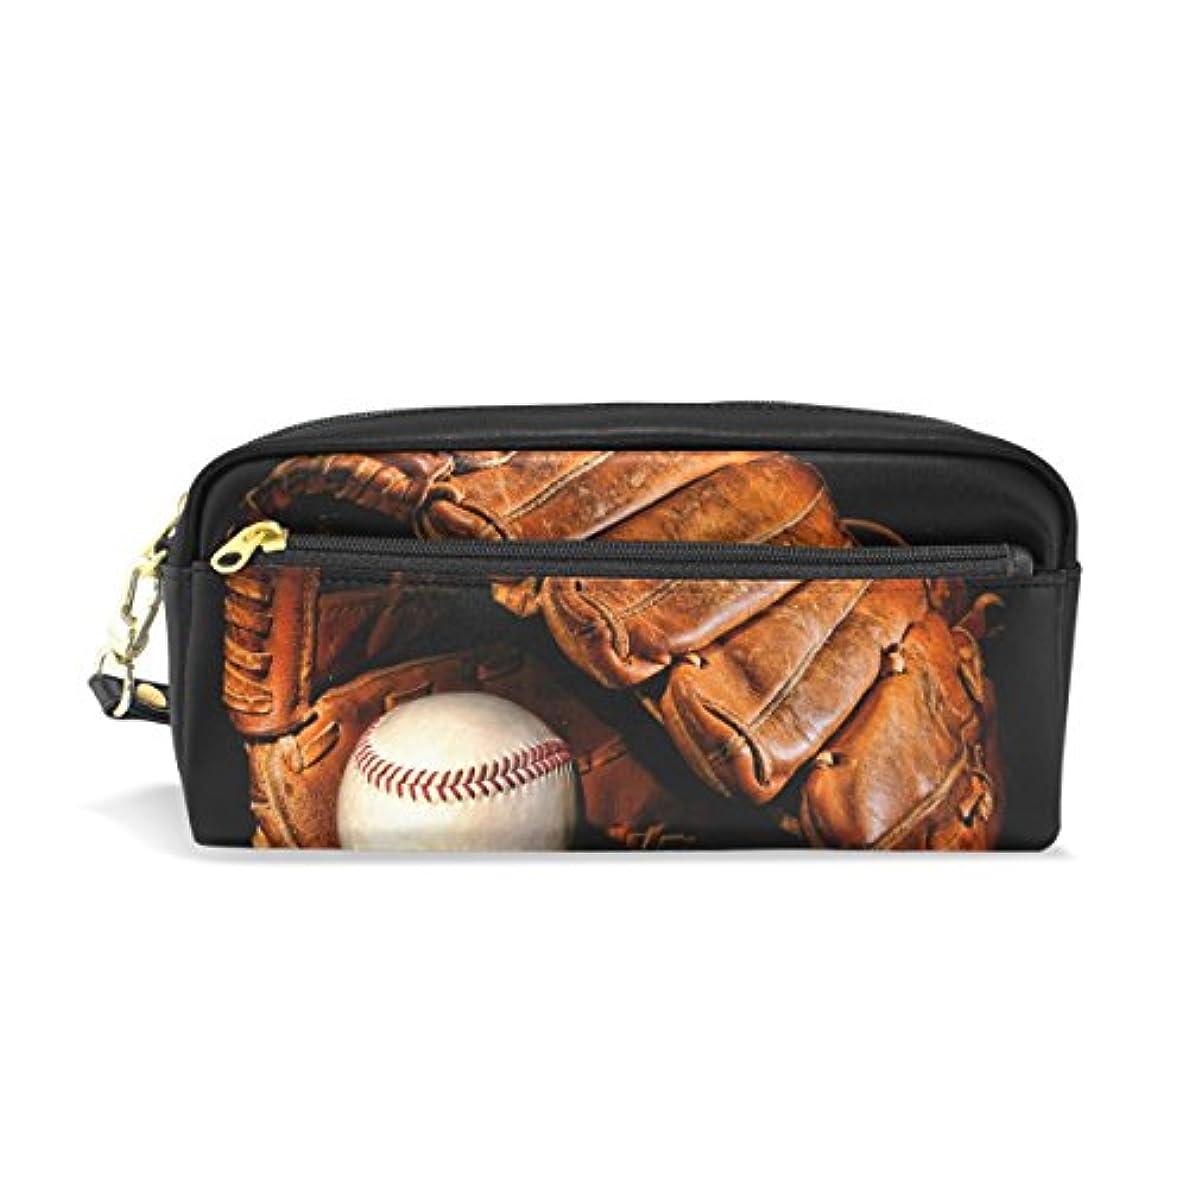 代表画像徹底AOMOKI ペンケース 化粧ポーチ 小物入り 多機能 レディース 野球 黒 ボール